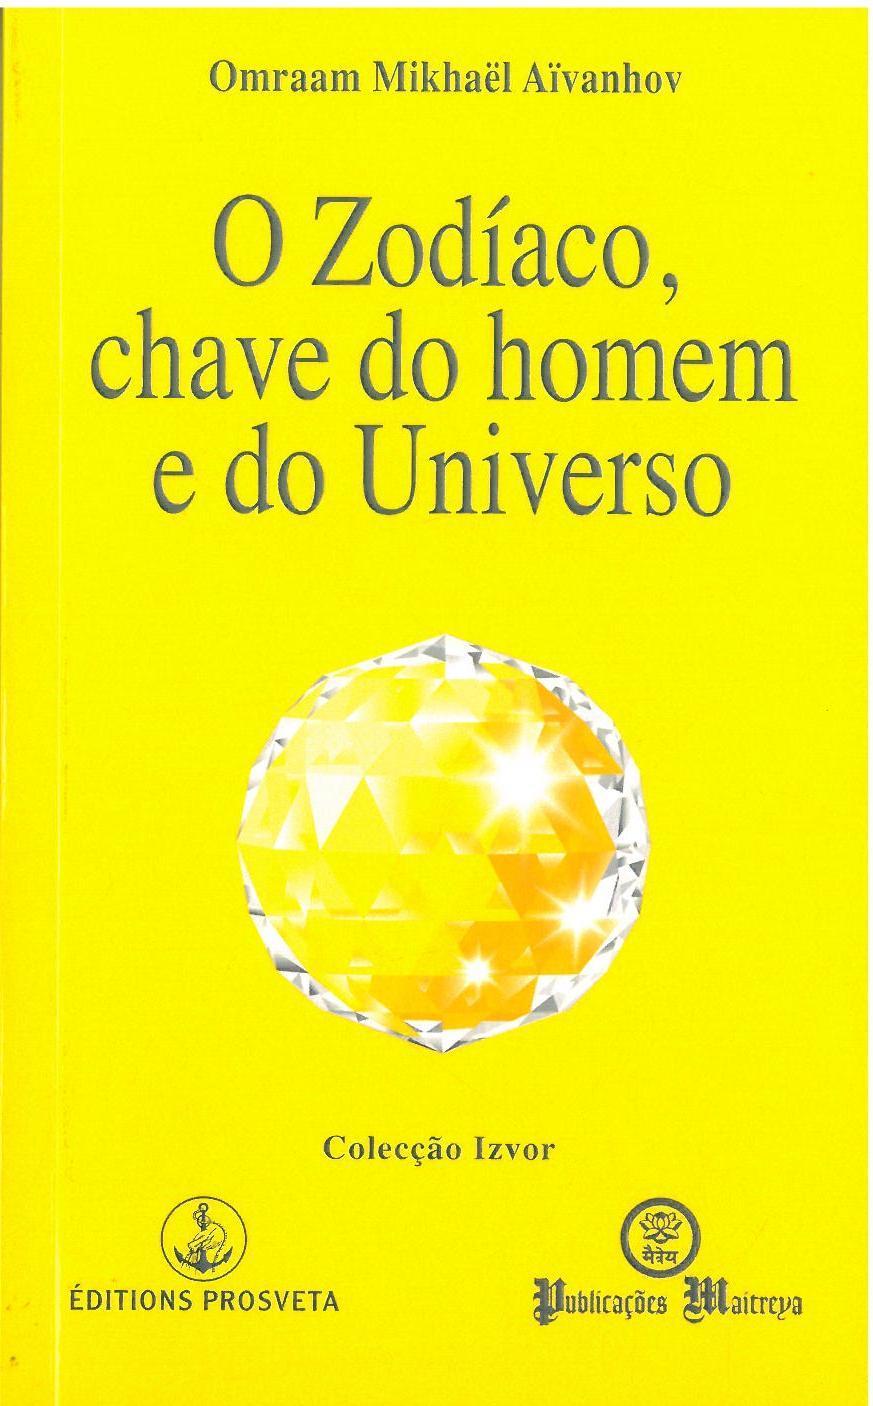 O zodíaco, chave do homem e do universo_.jpg